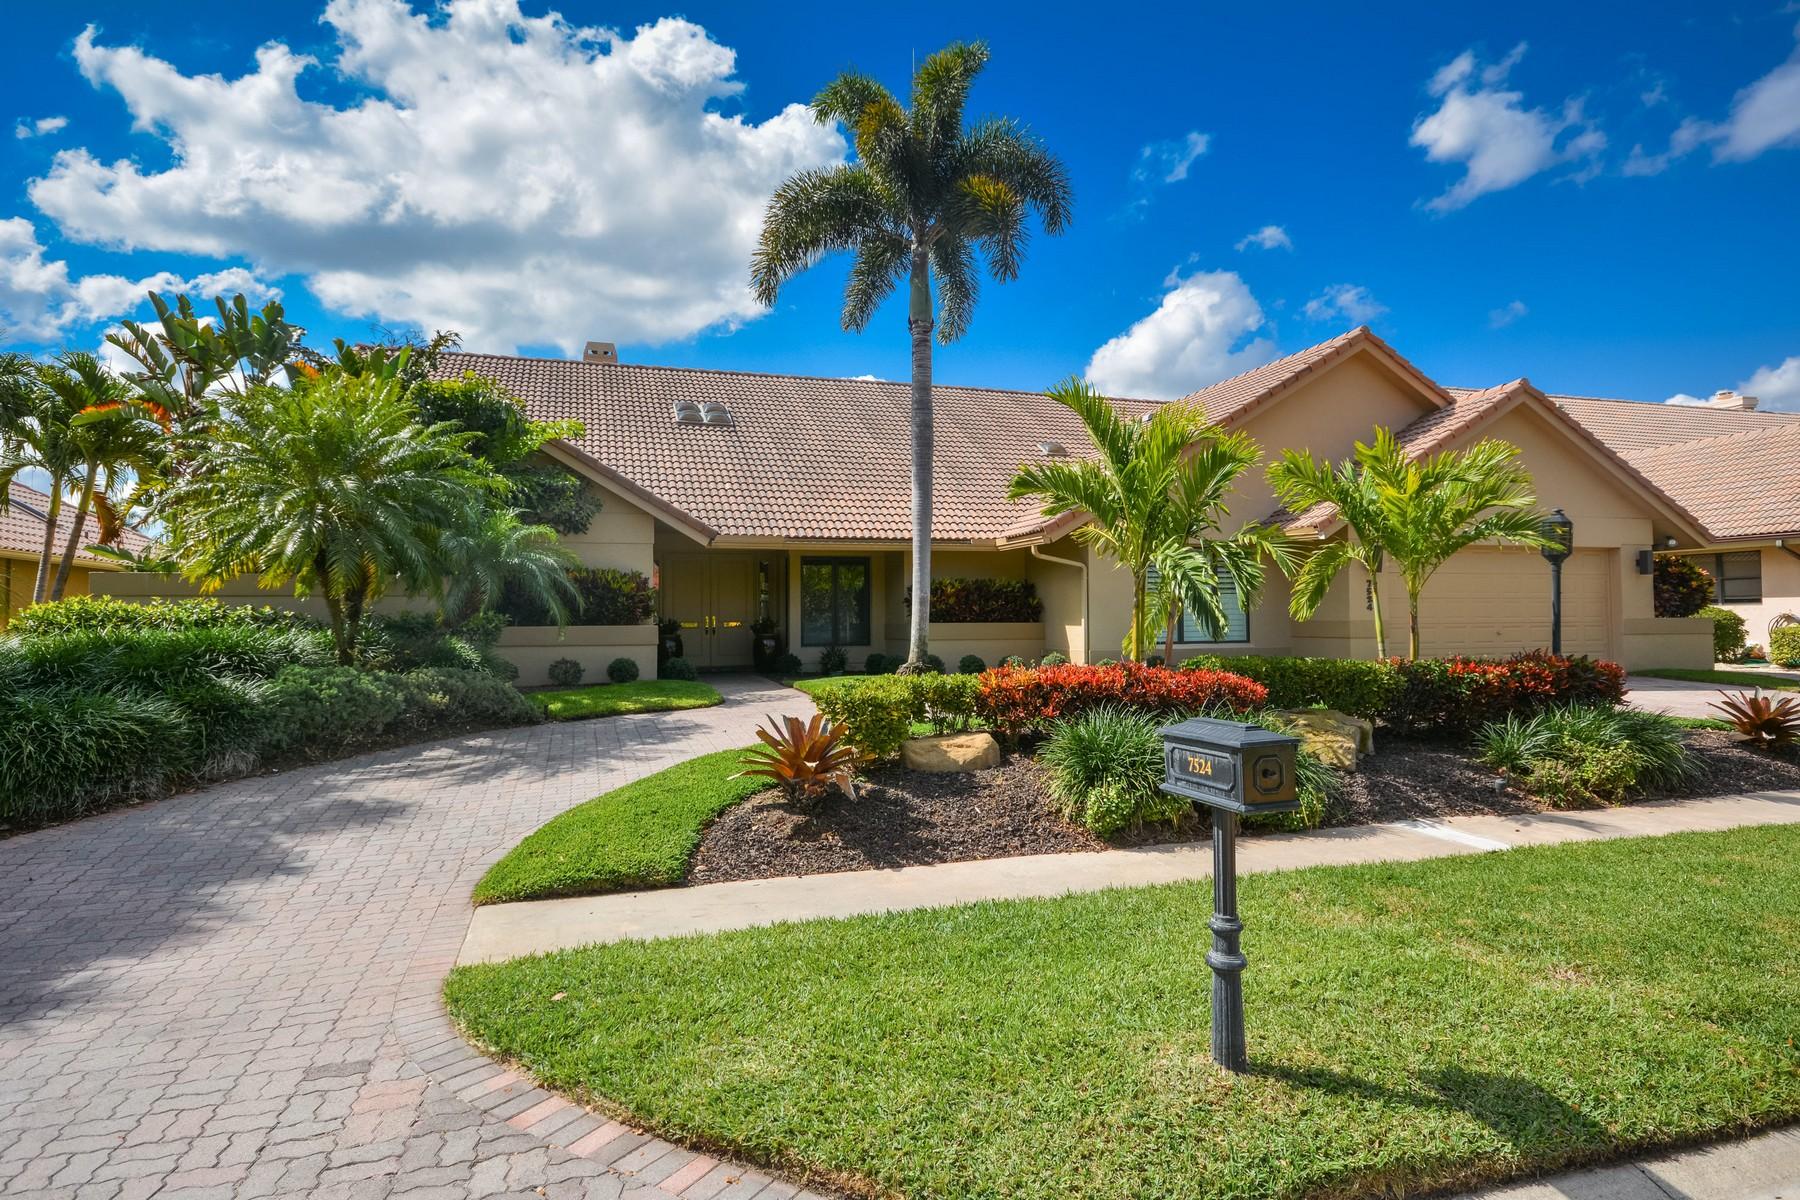 Maison unifamiliale pour l à louer à 7524 Mandarin Dr , Boca Raton, FL 33433 7524 Mandarin Dr Boca Raton, Florida, 33433 États-Unis